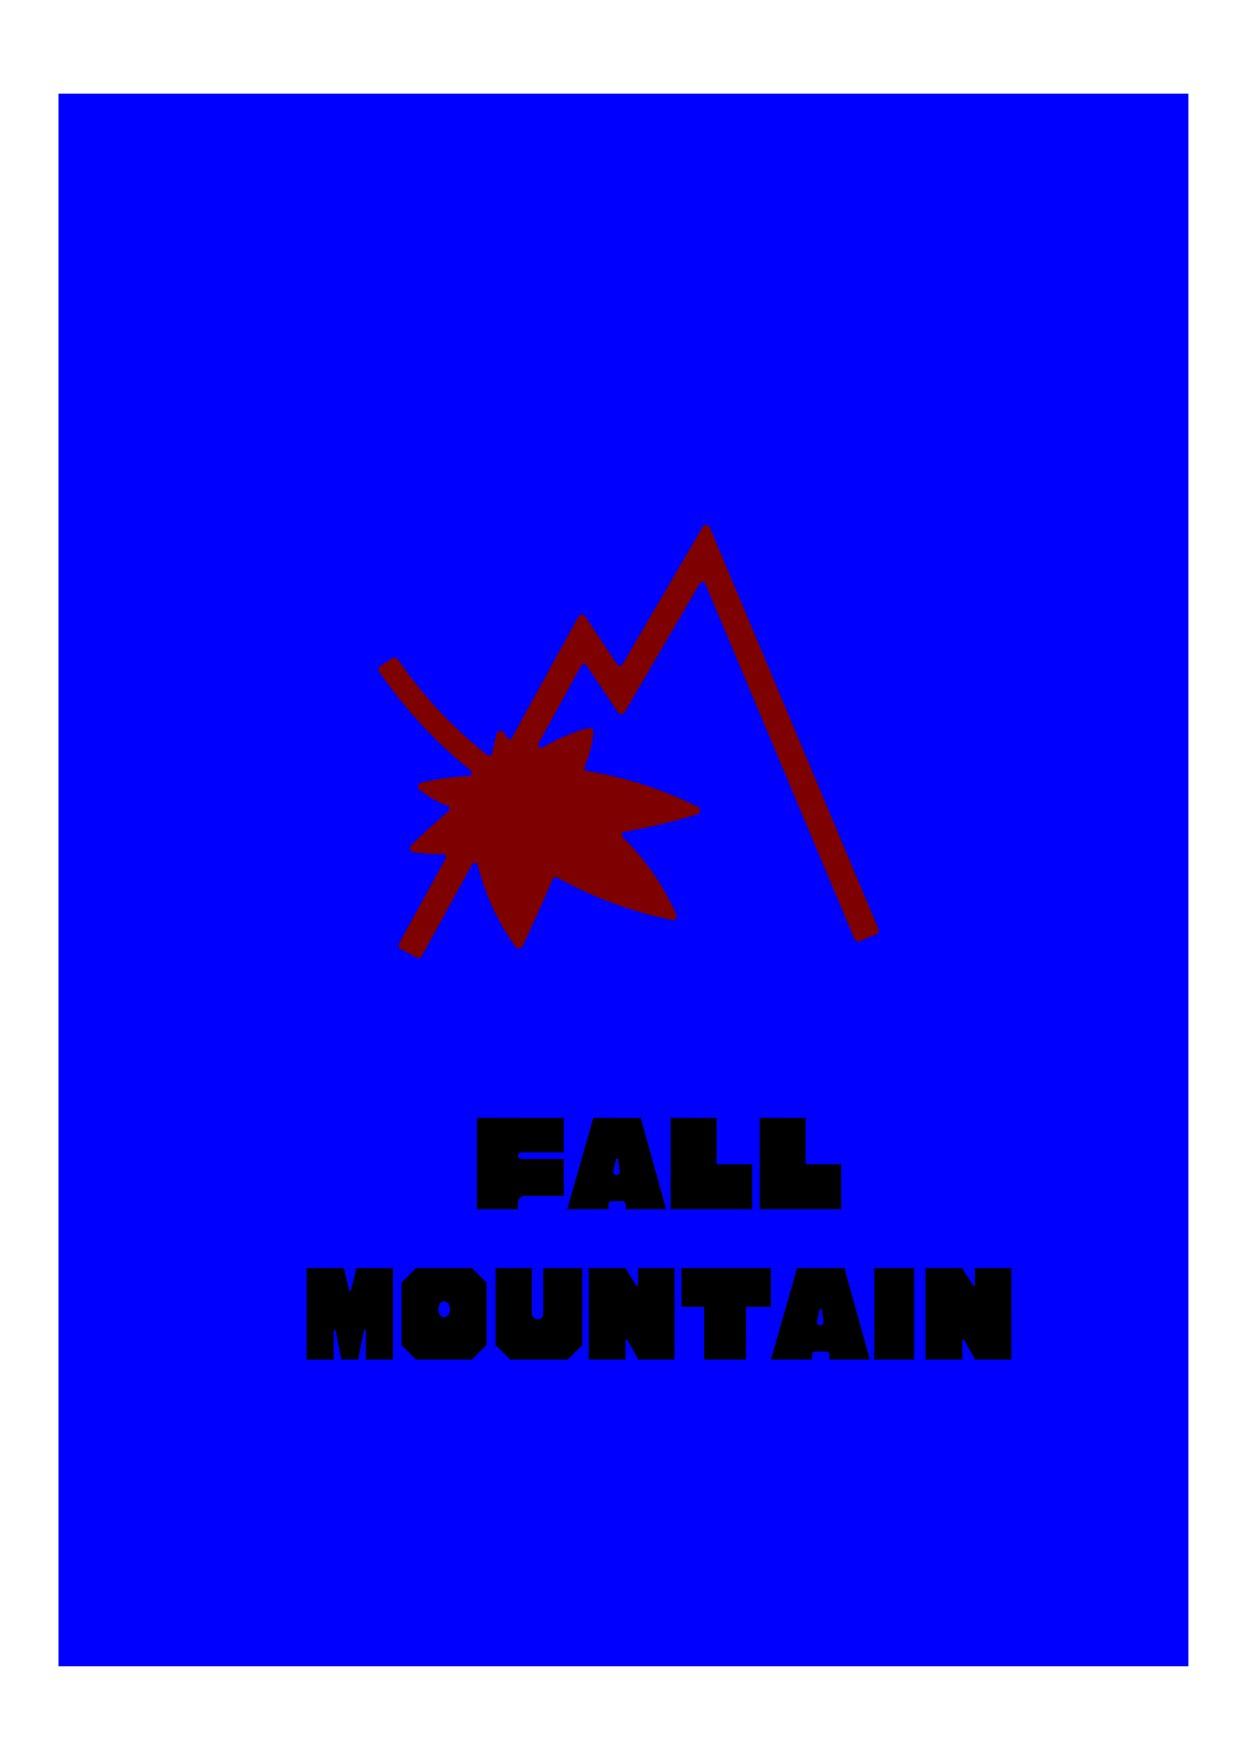 fallmountain